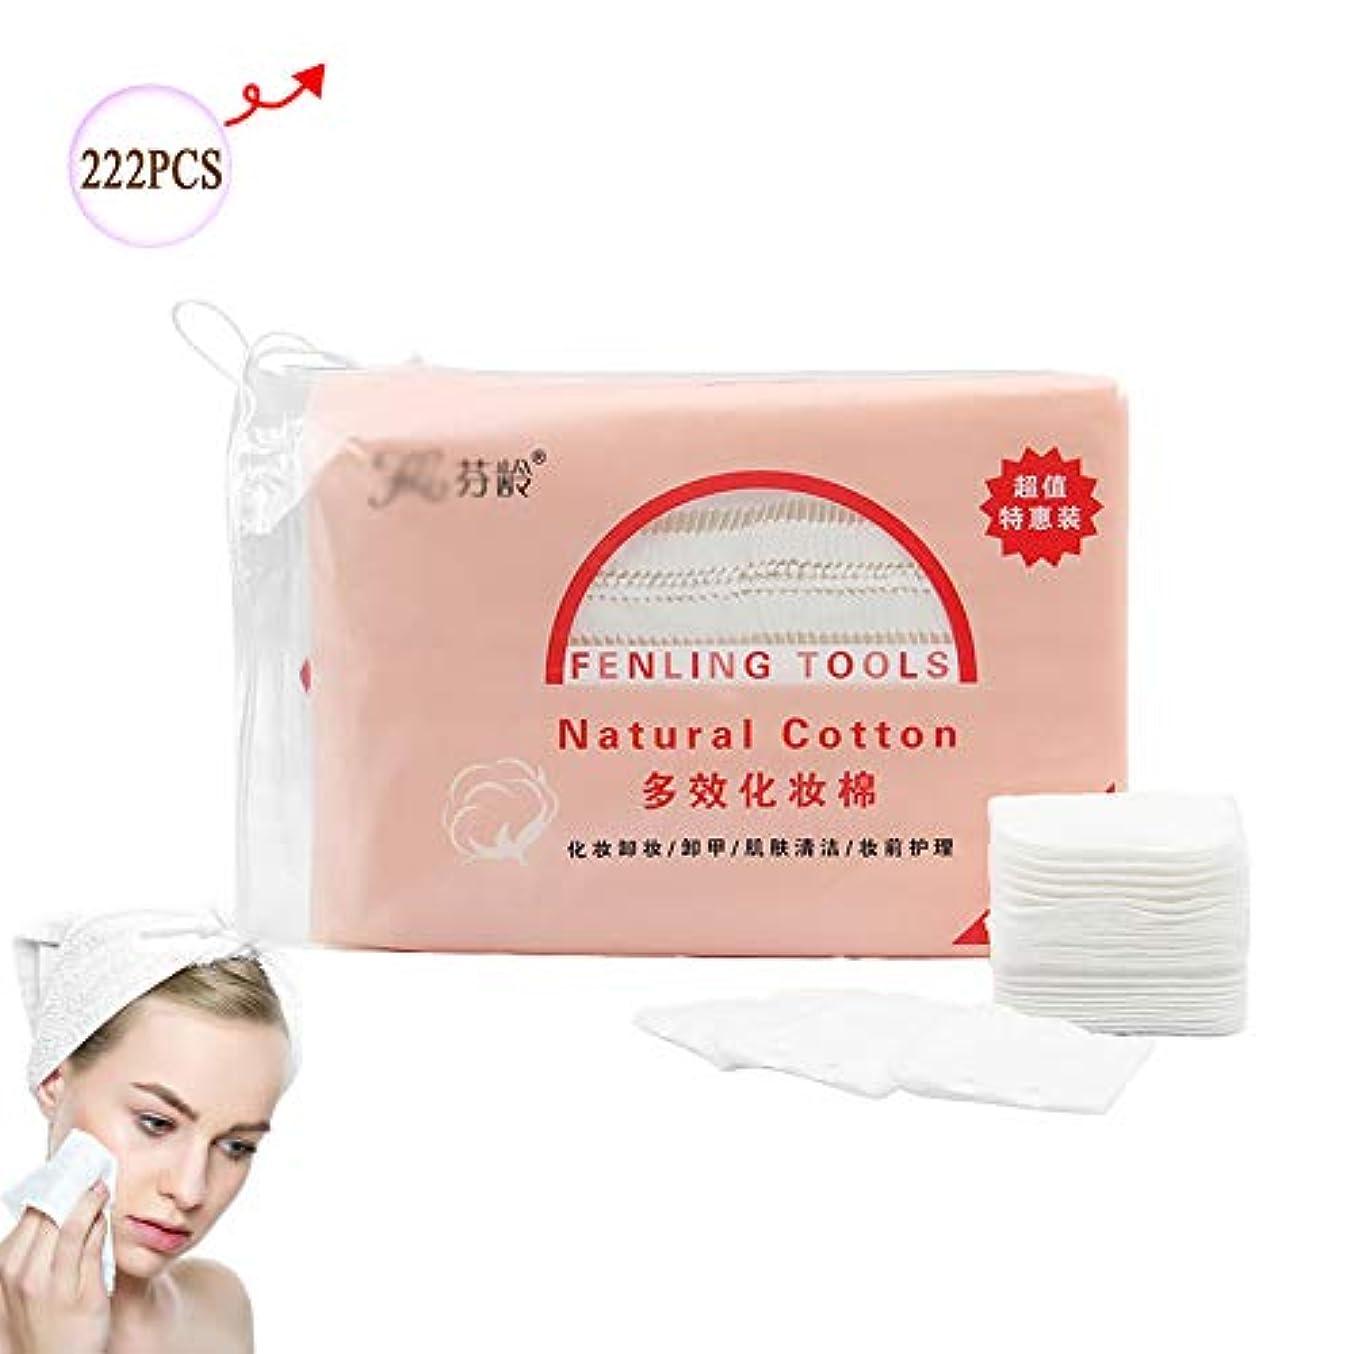 マージ創始者合意メイク落としパッド、顔用洗顔料コットンパッド洗顔用女性と男性(222PCS)